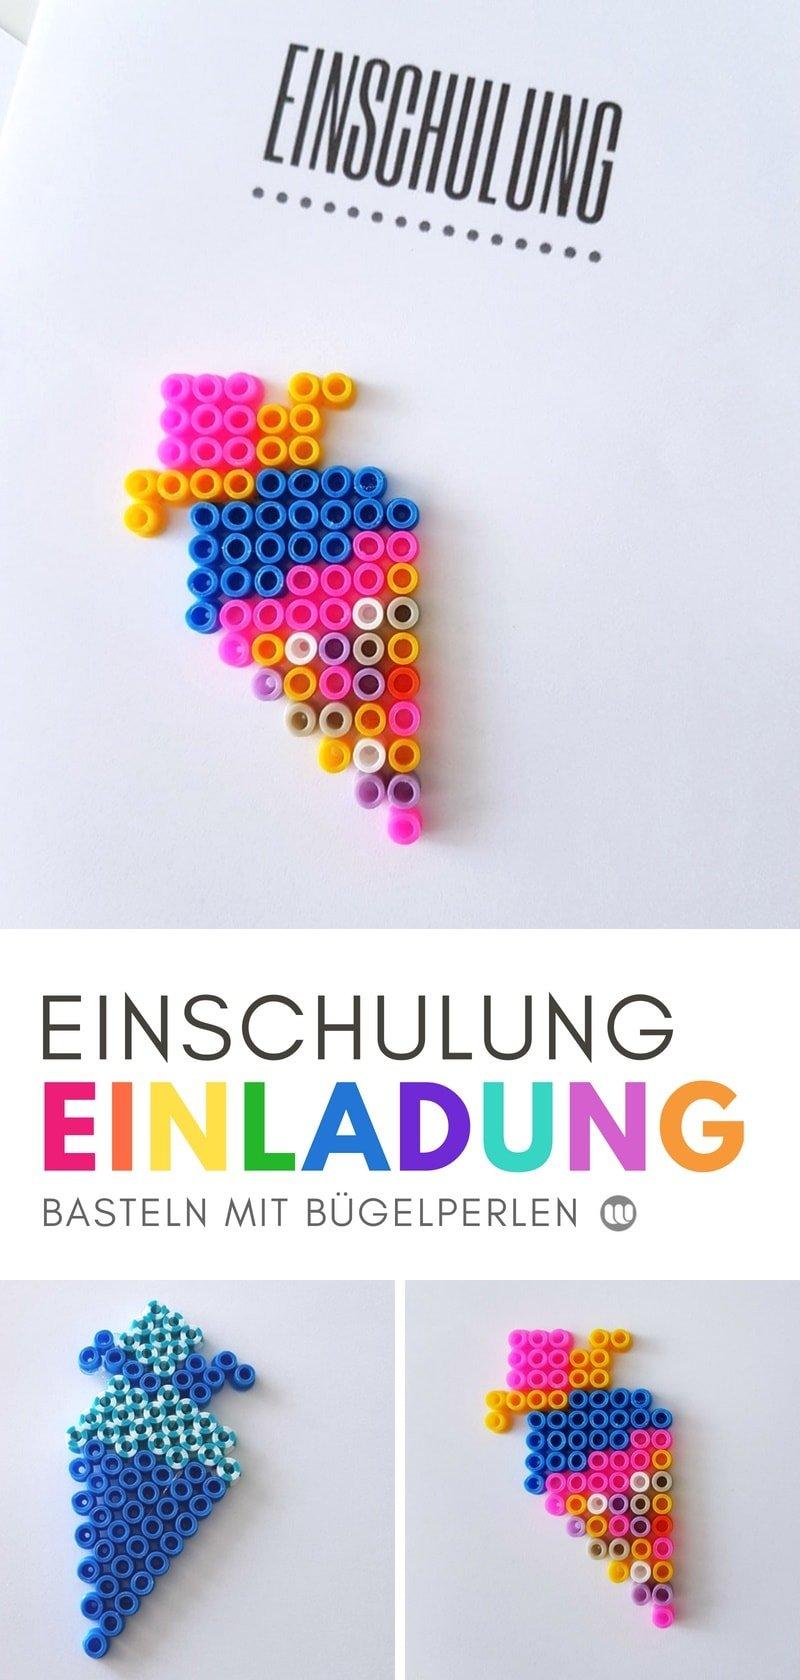 Einladung zur Einschulung: Schultüte basteln mit Bügelperlen #diy #einladung #bügelperlen #schultüte #basteln #bastelidee #selberMachen #selbstgemacht #schule